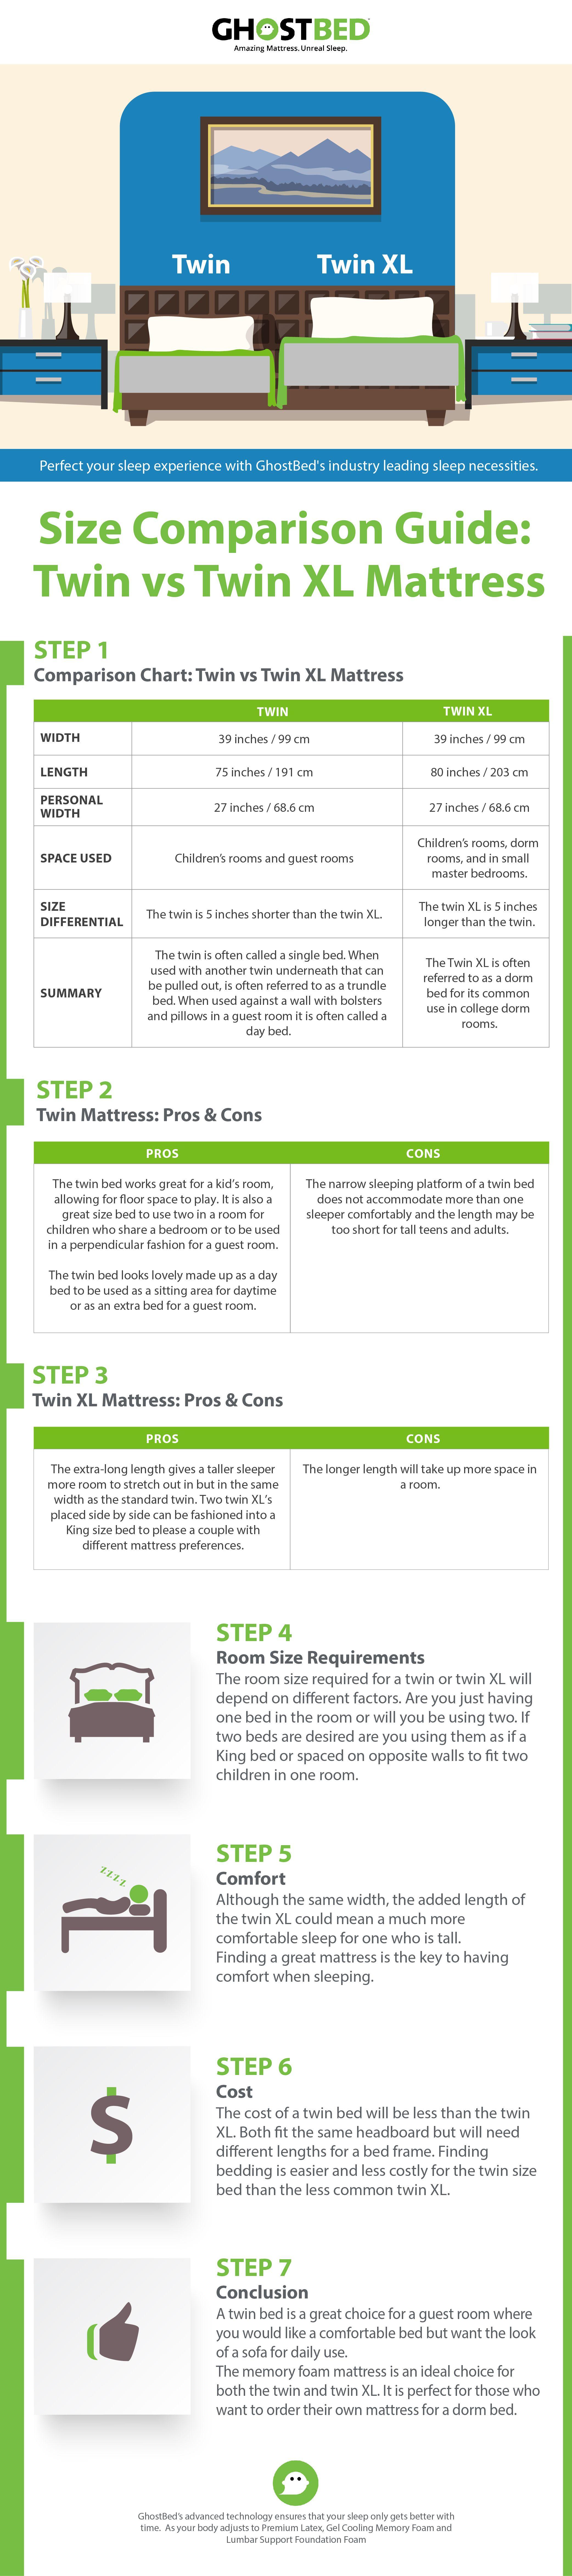 Guide Mattress size comparison Twin vs Twin XL. Which